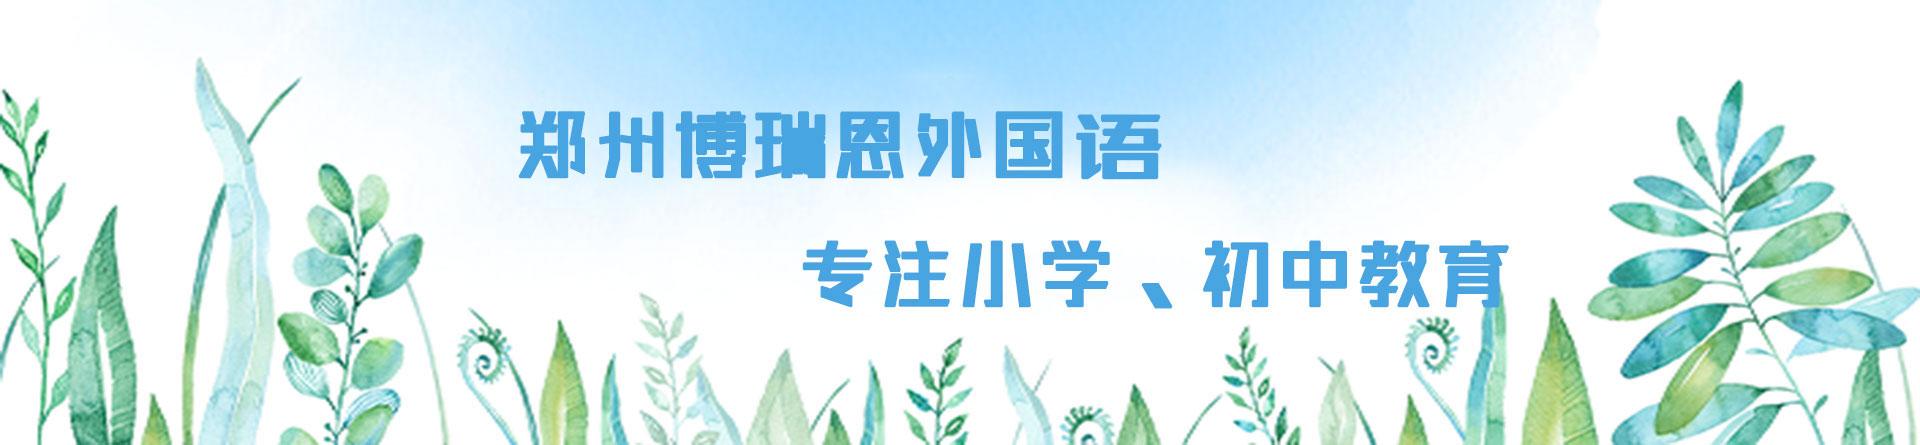 郑州博瑞恩外国语